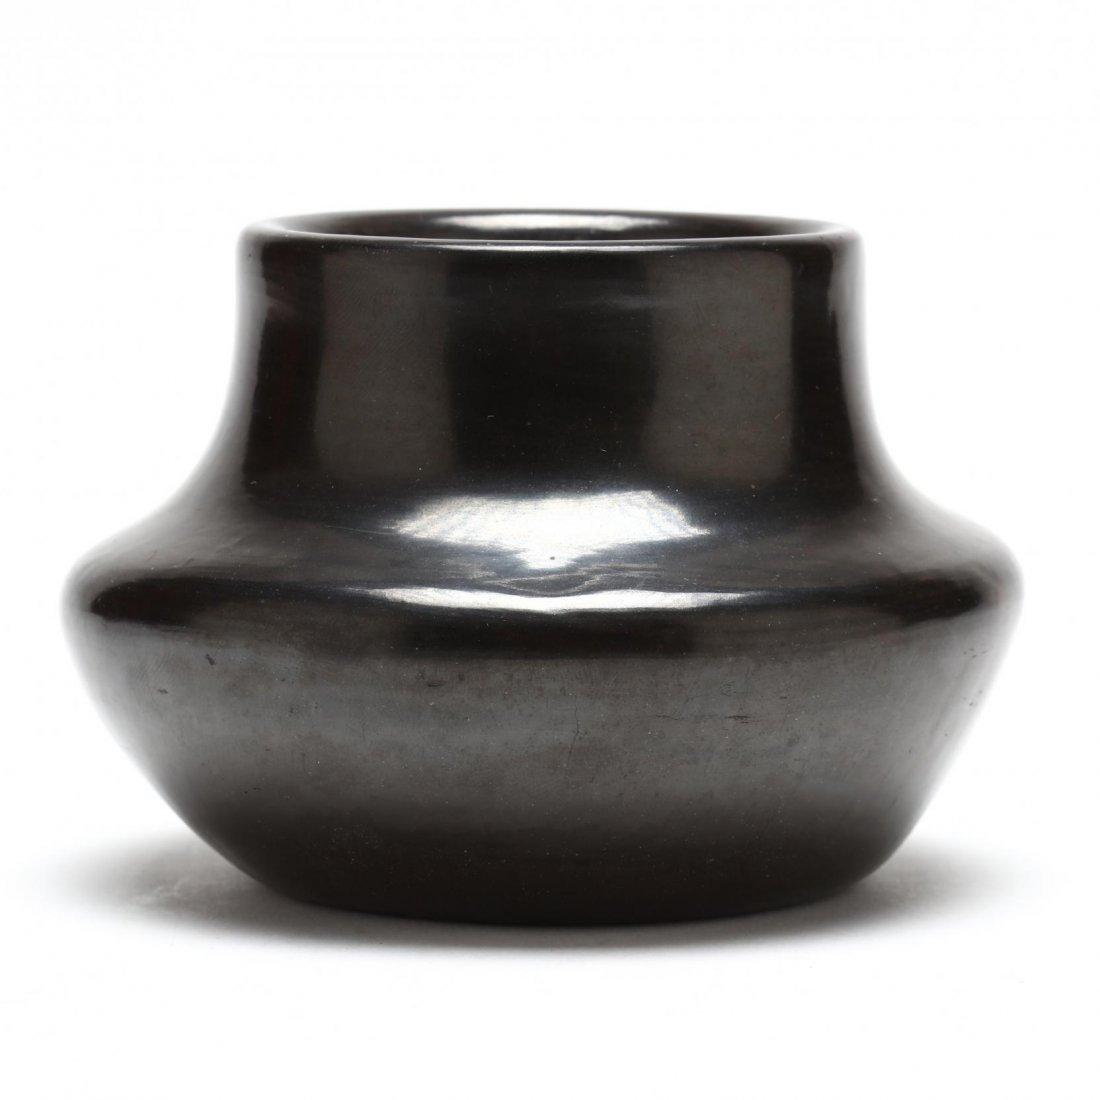 San Ildefonso Blackware Pot by Carlos Sunrise Dunlap